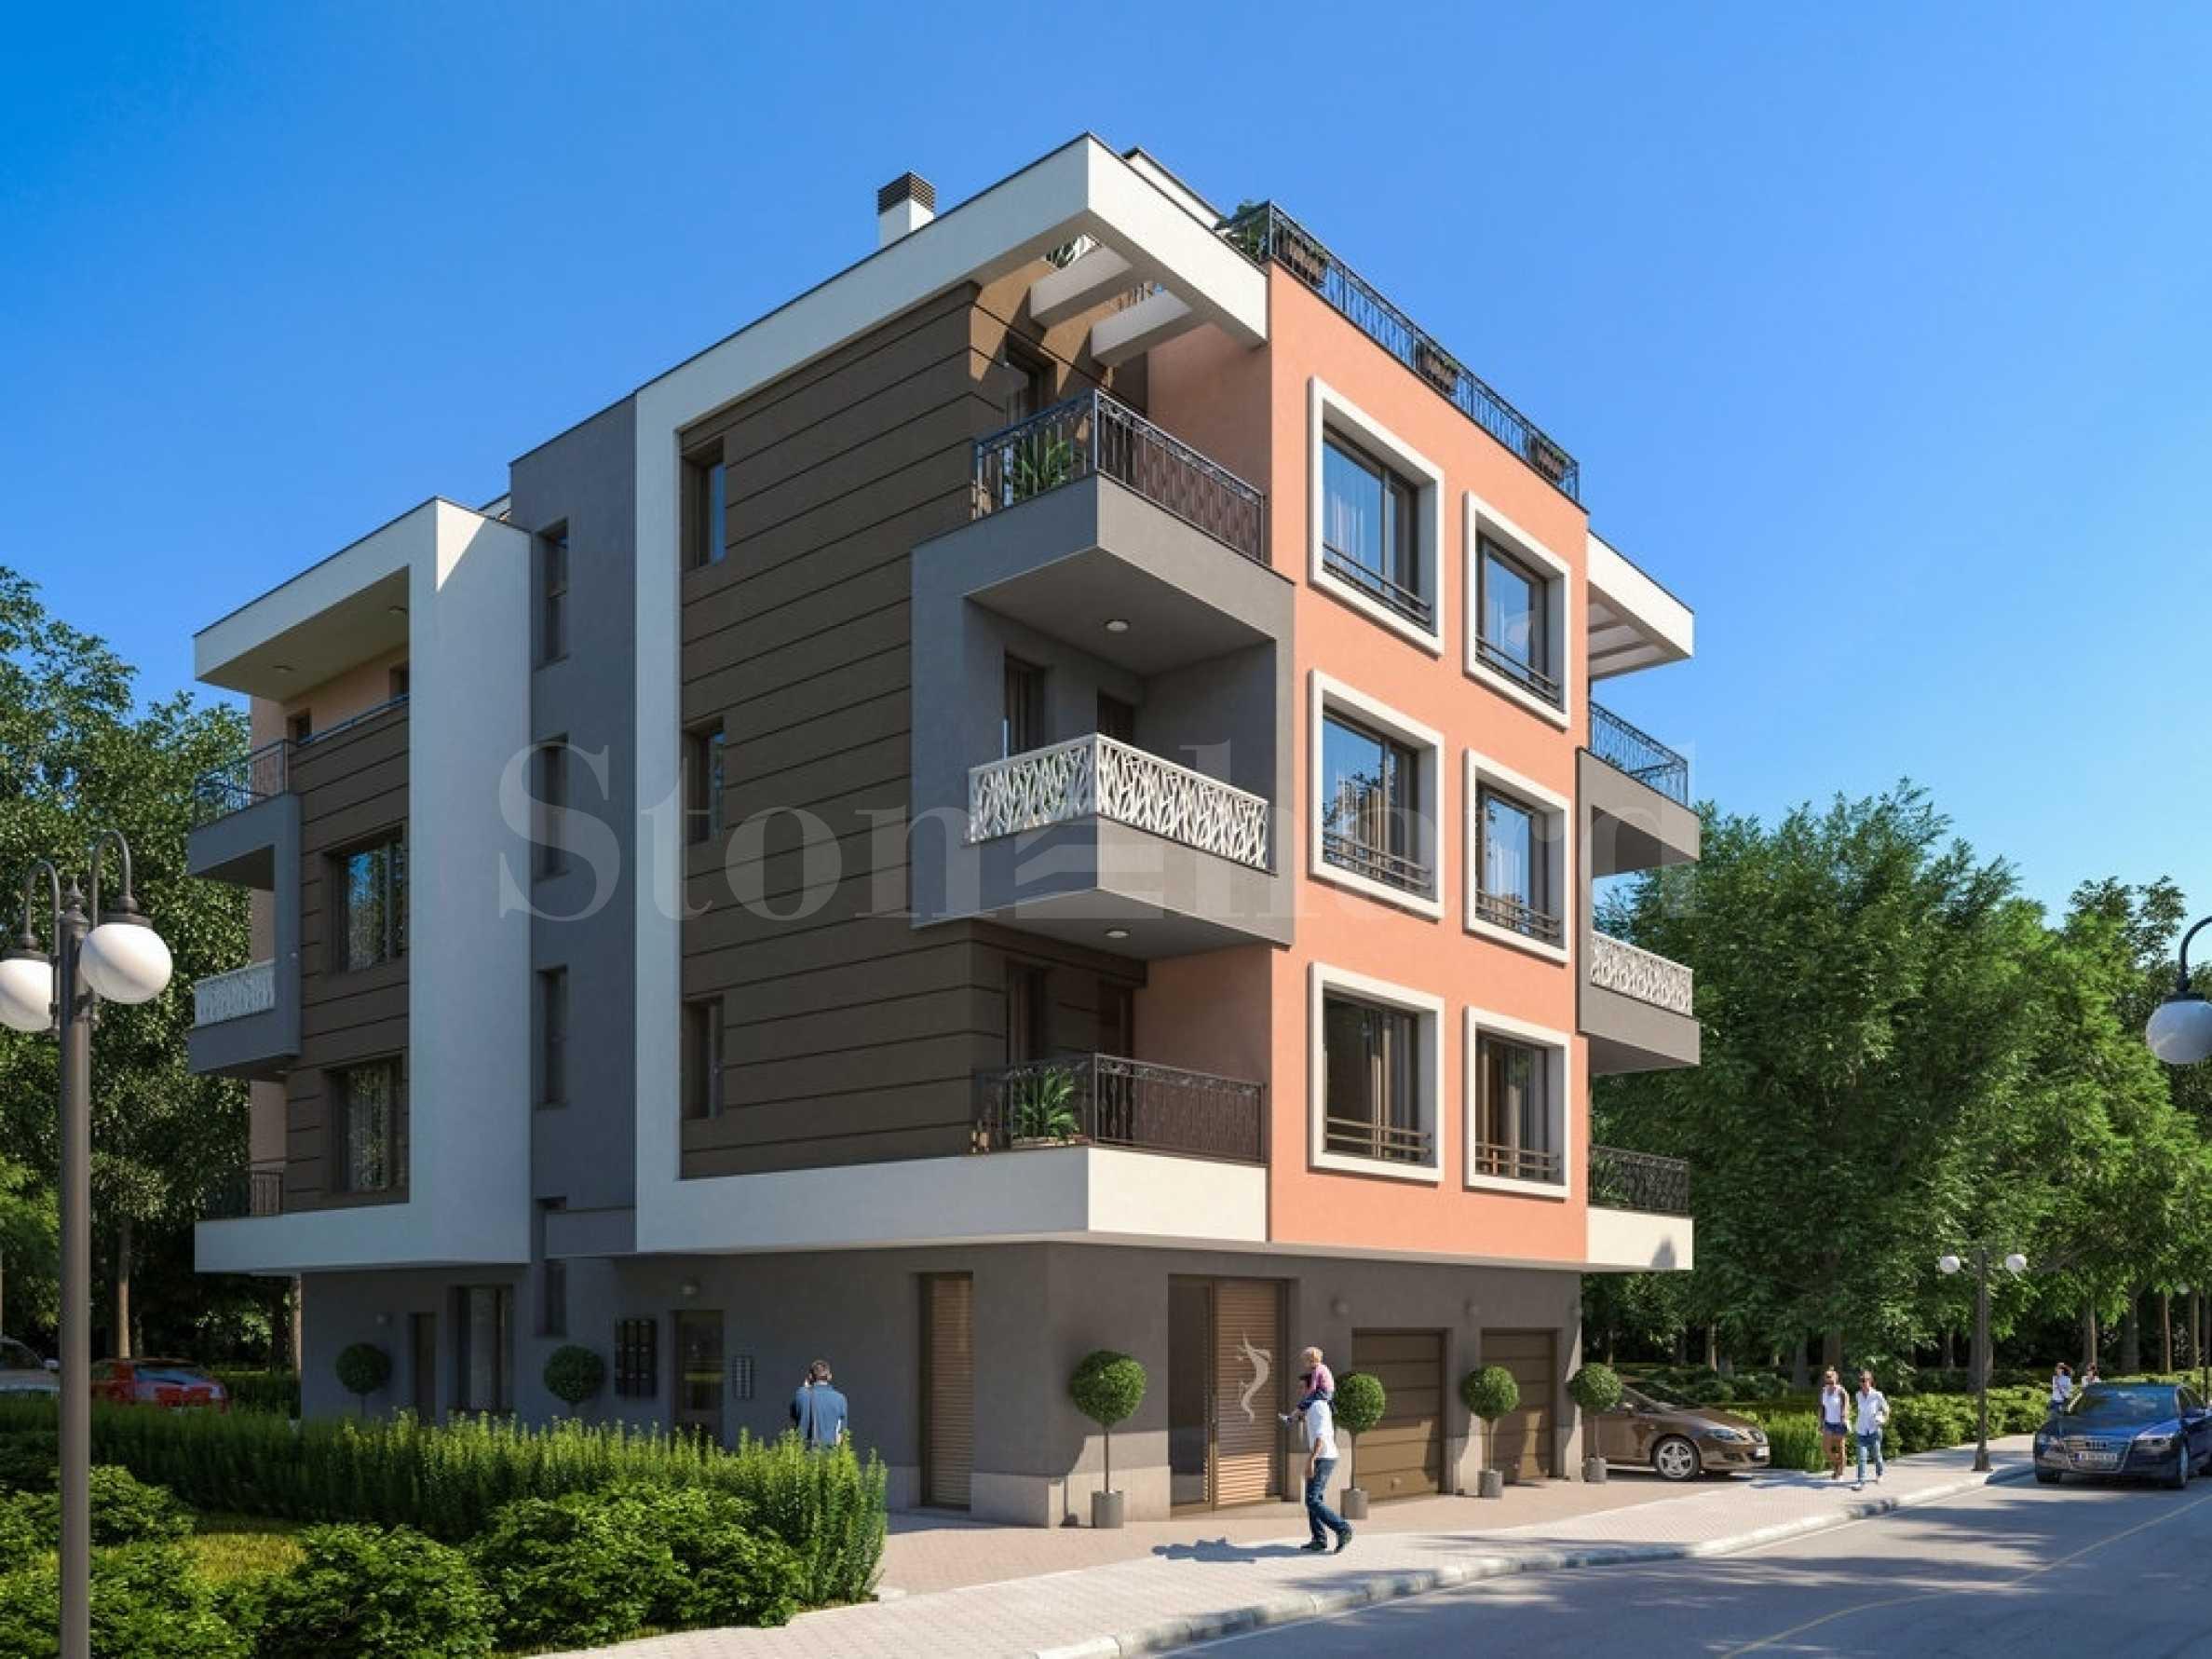 Апартаменти ново строителство на 100 метра от морето, кв. Сарафово2 - Stonehard